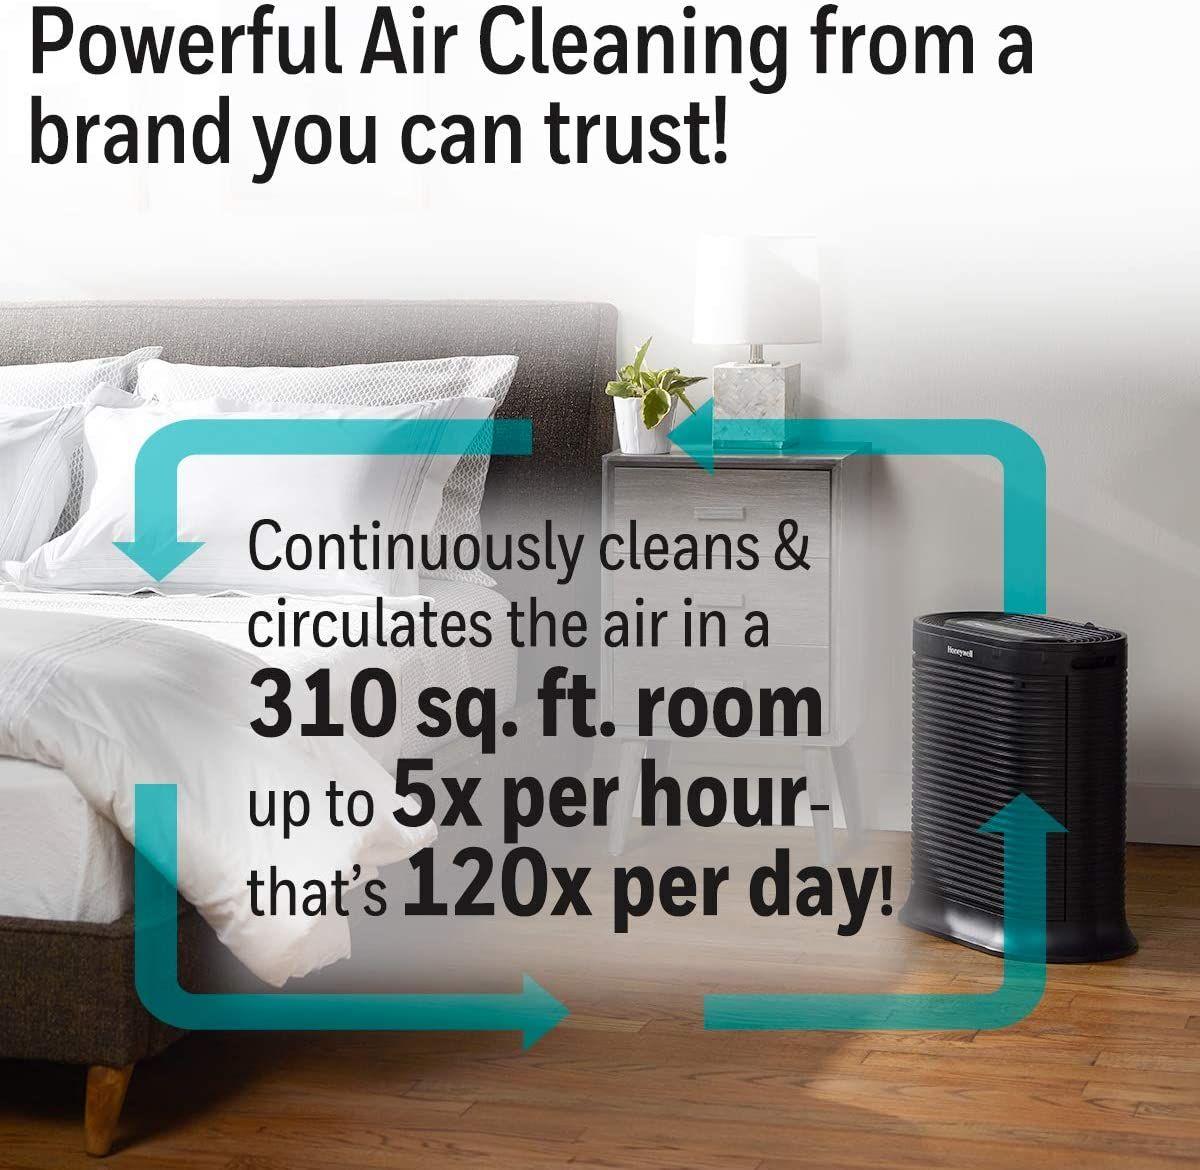 MA40 2.0 Air Purifier in 2020 Air purifier, Modern